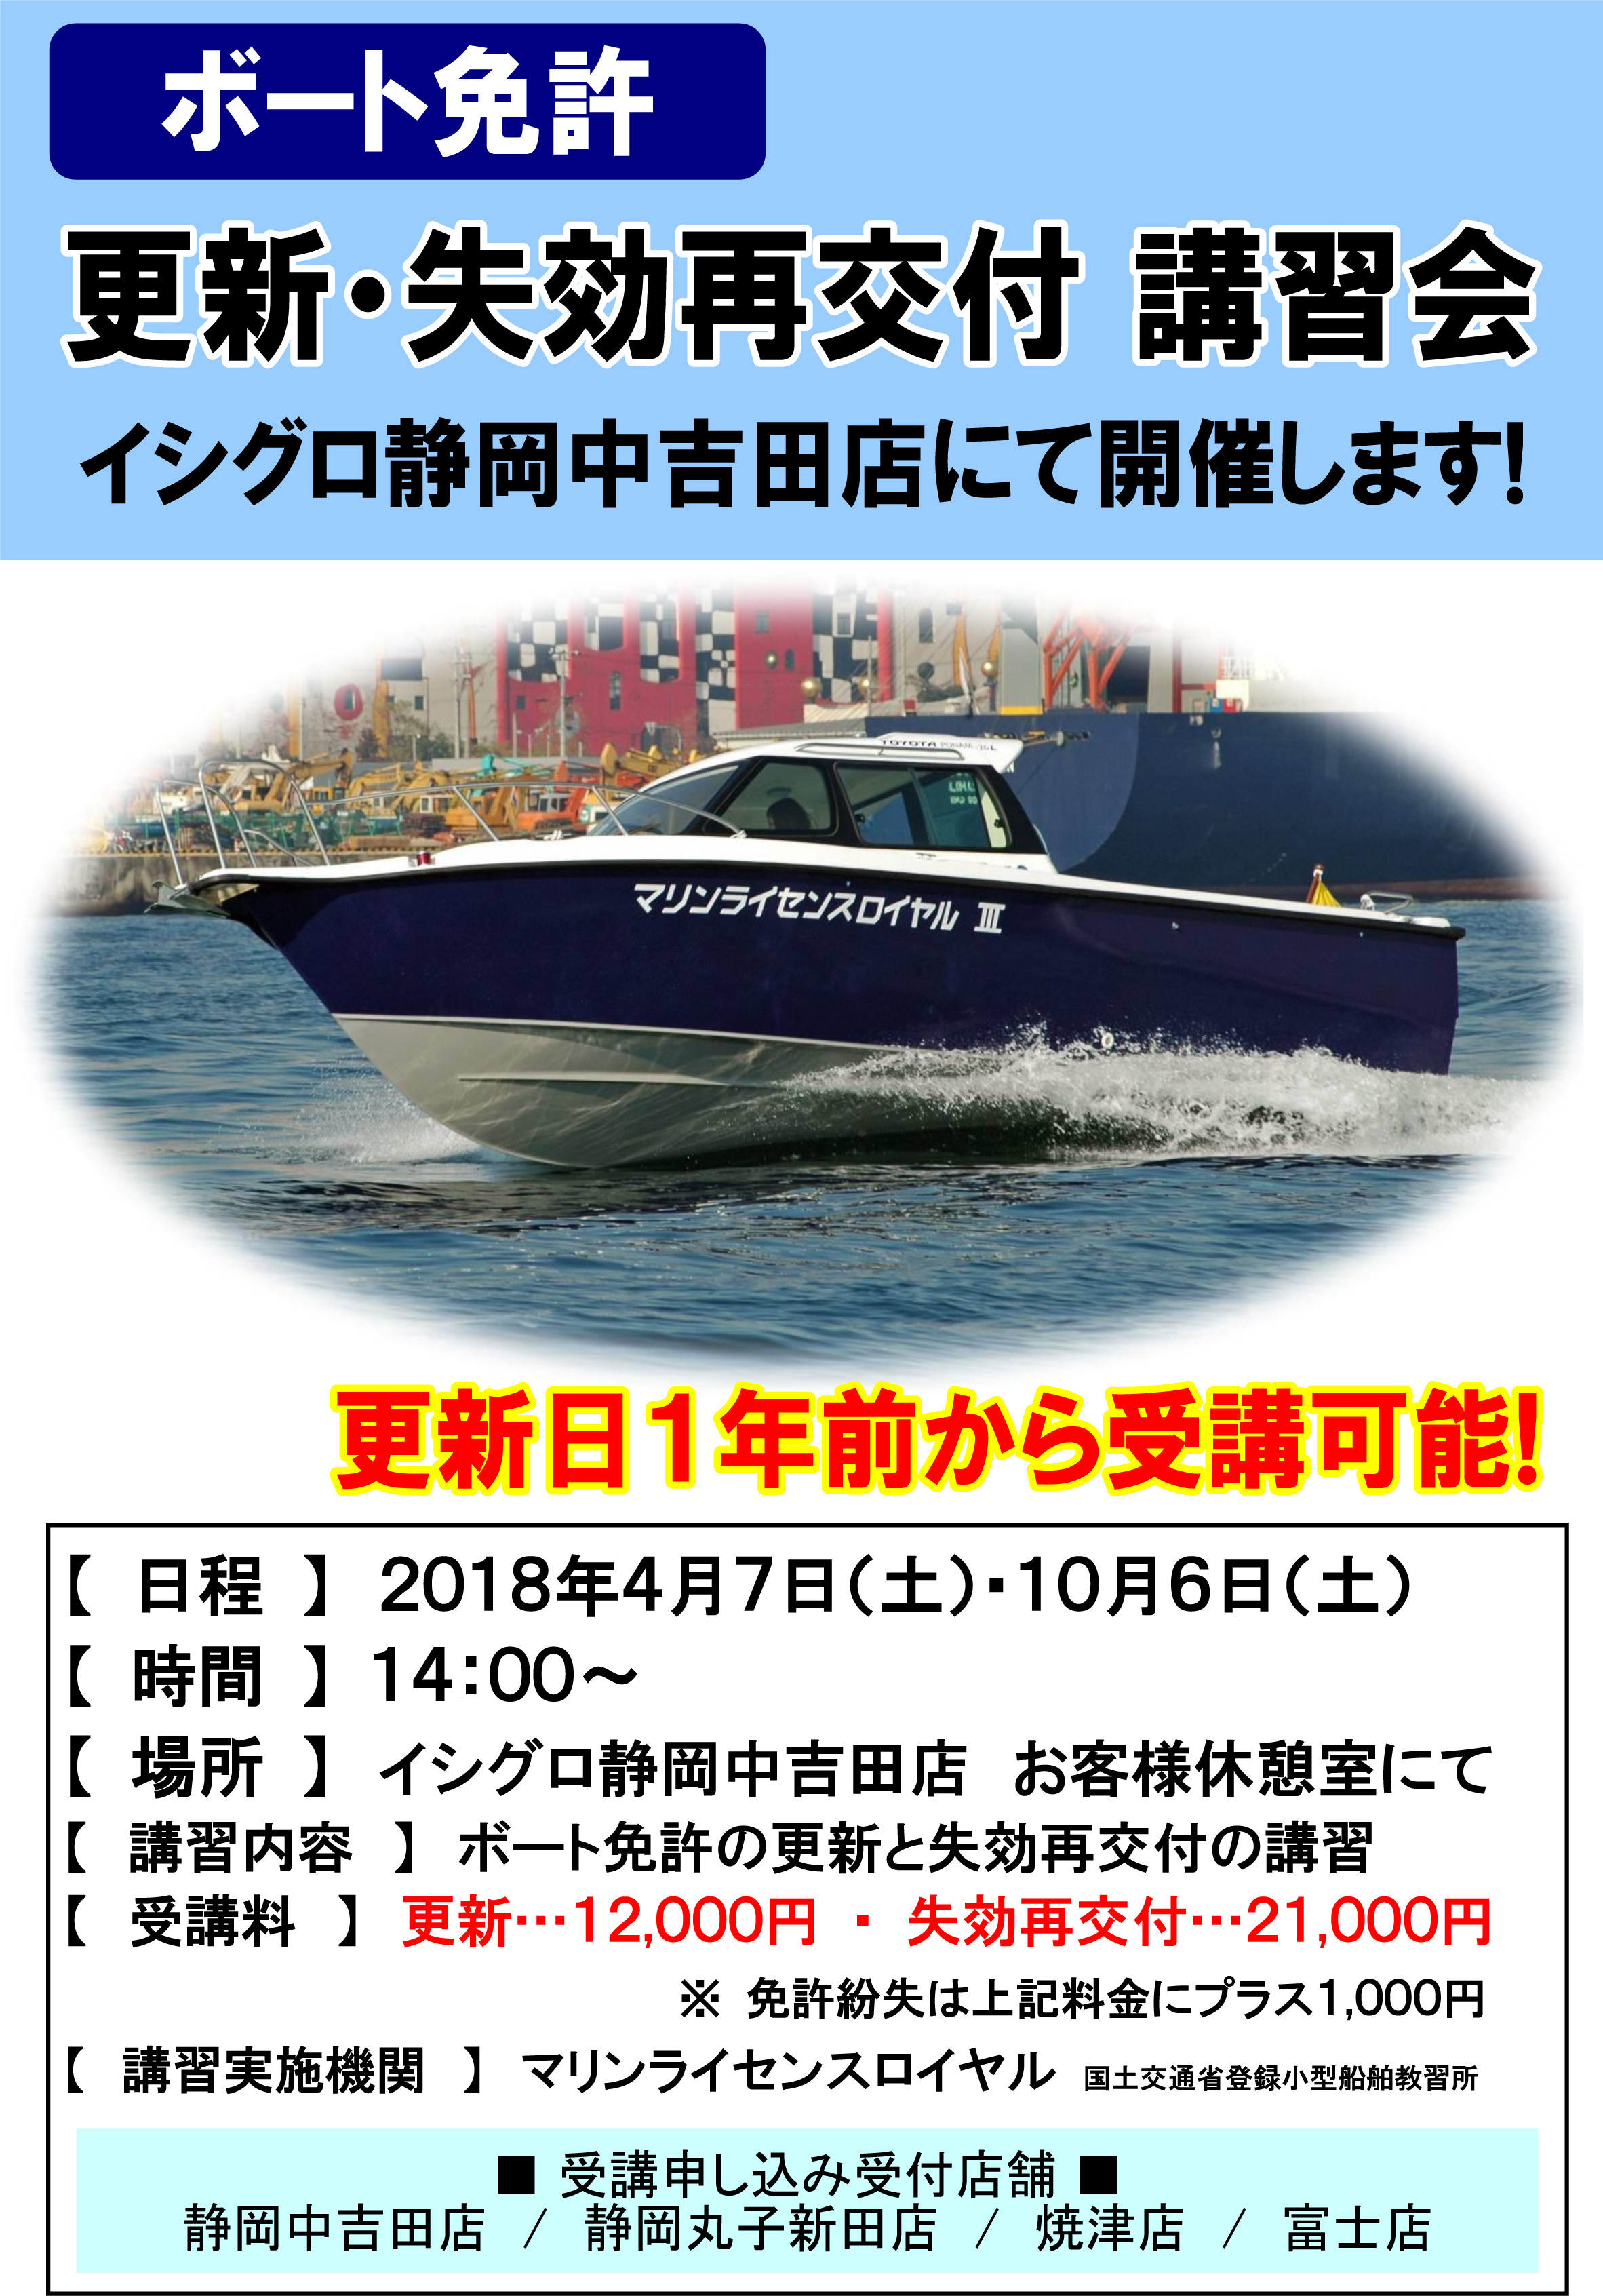 静岡中吉田店 ボート免許 更新・失効再交付講習会受講者募集 メイン画像